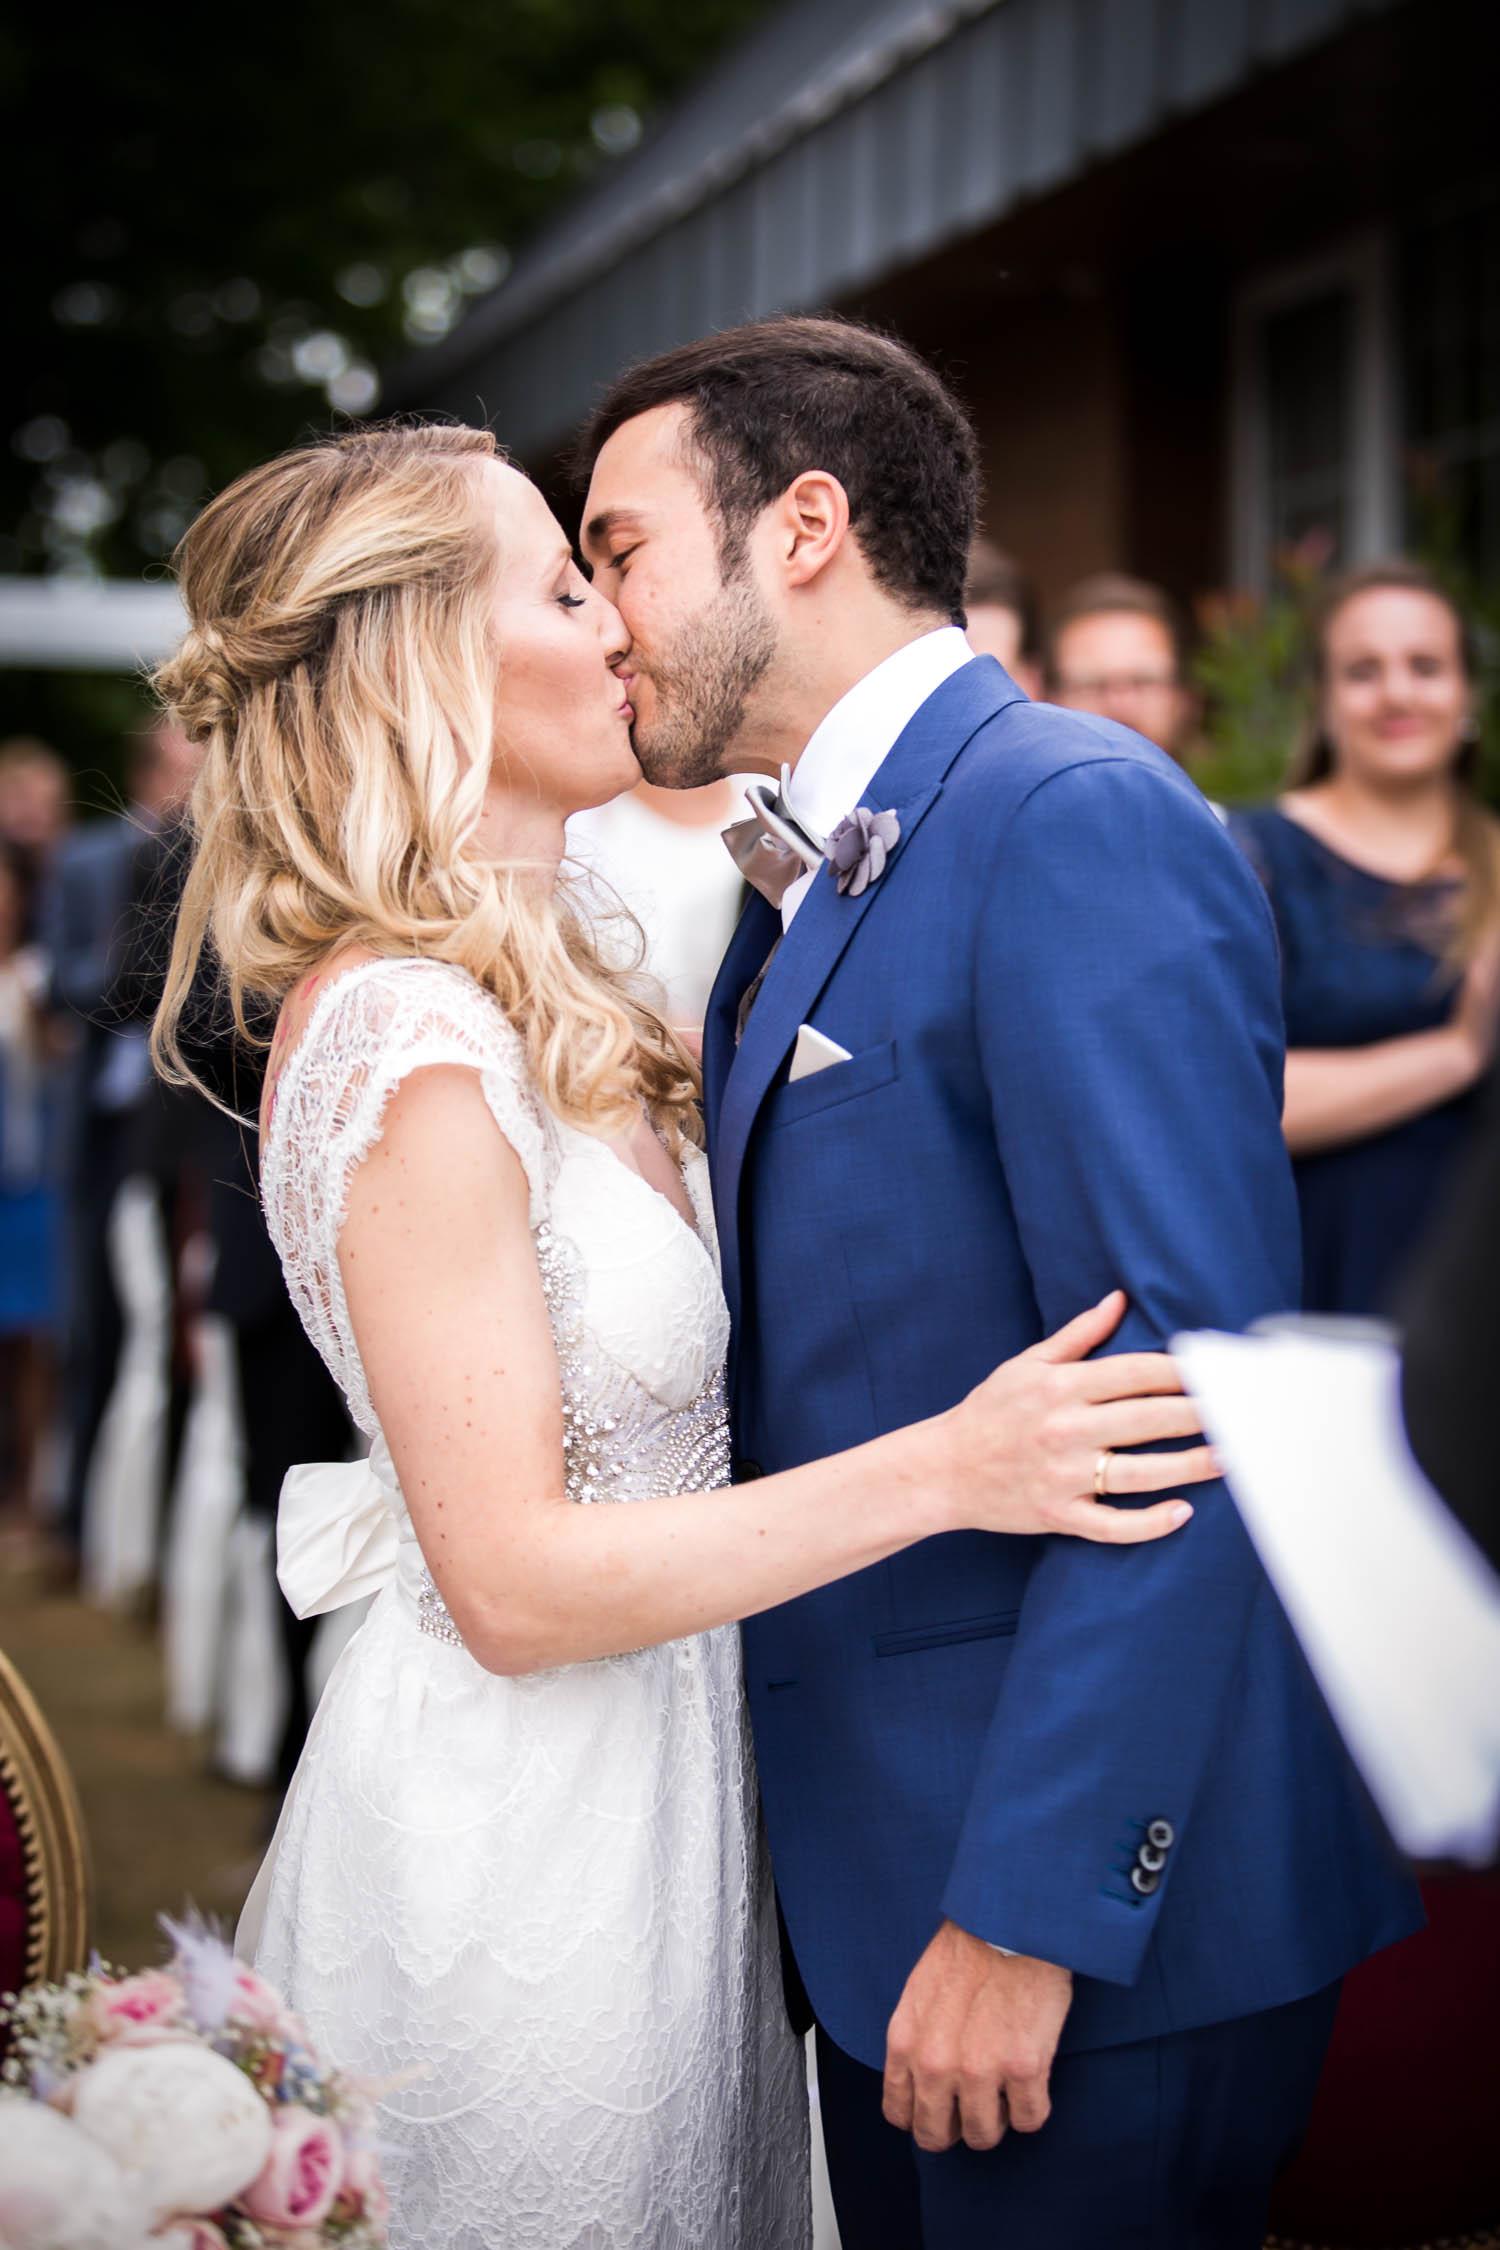 Hochzeitsfotografie dorinamilas beitrag frau immer herr ewig 38  – gesehen bei frauimmer-herrewig.de